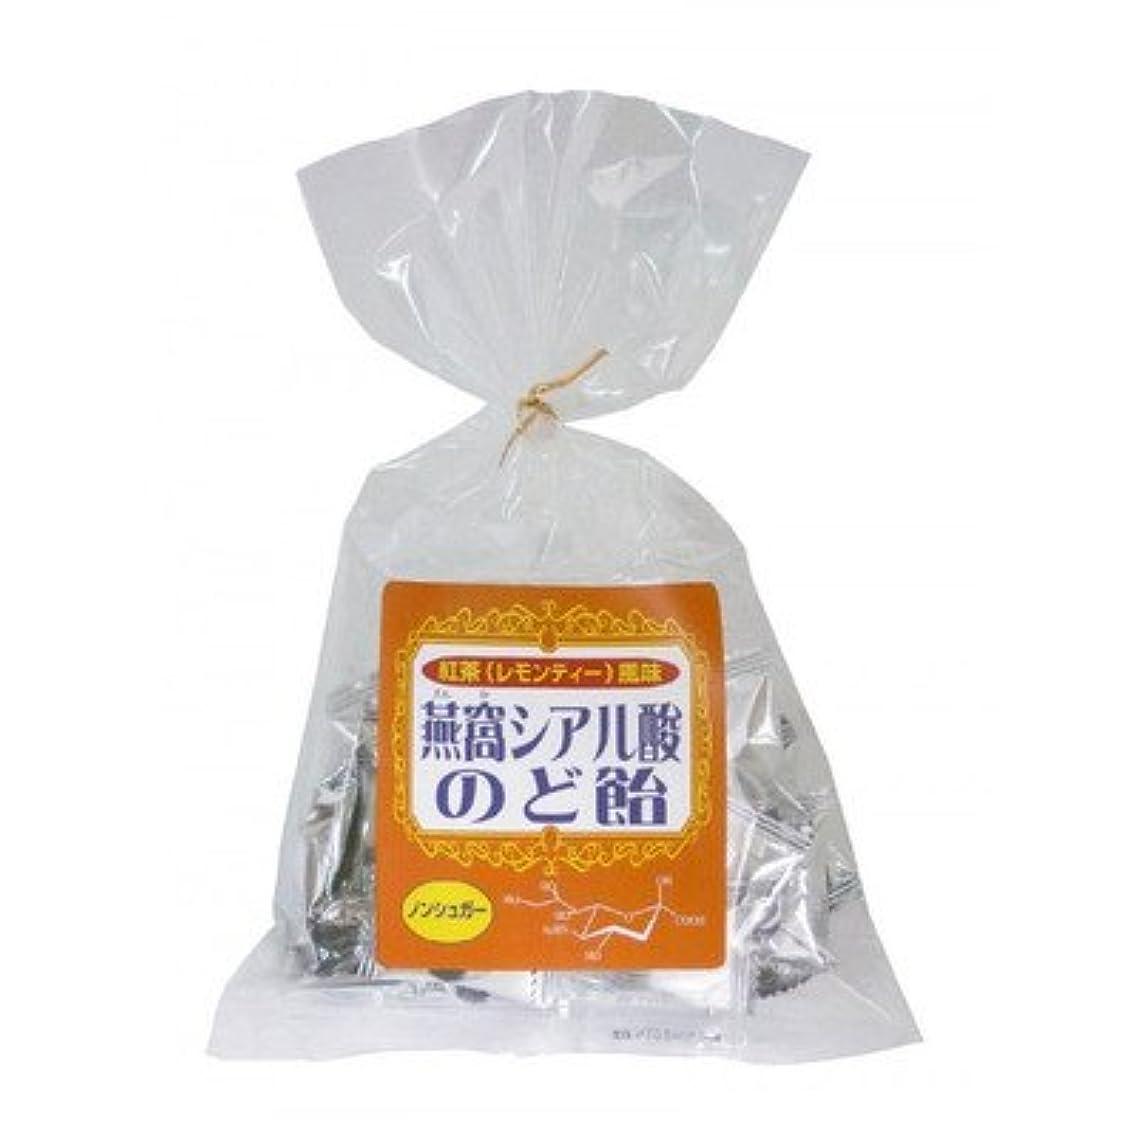 子音楽観的束燕窩シアル酸のど飴ノンシュガー 紅茶(レモンティー)風味 87g×3袋